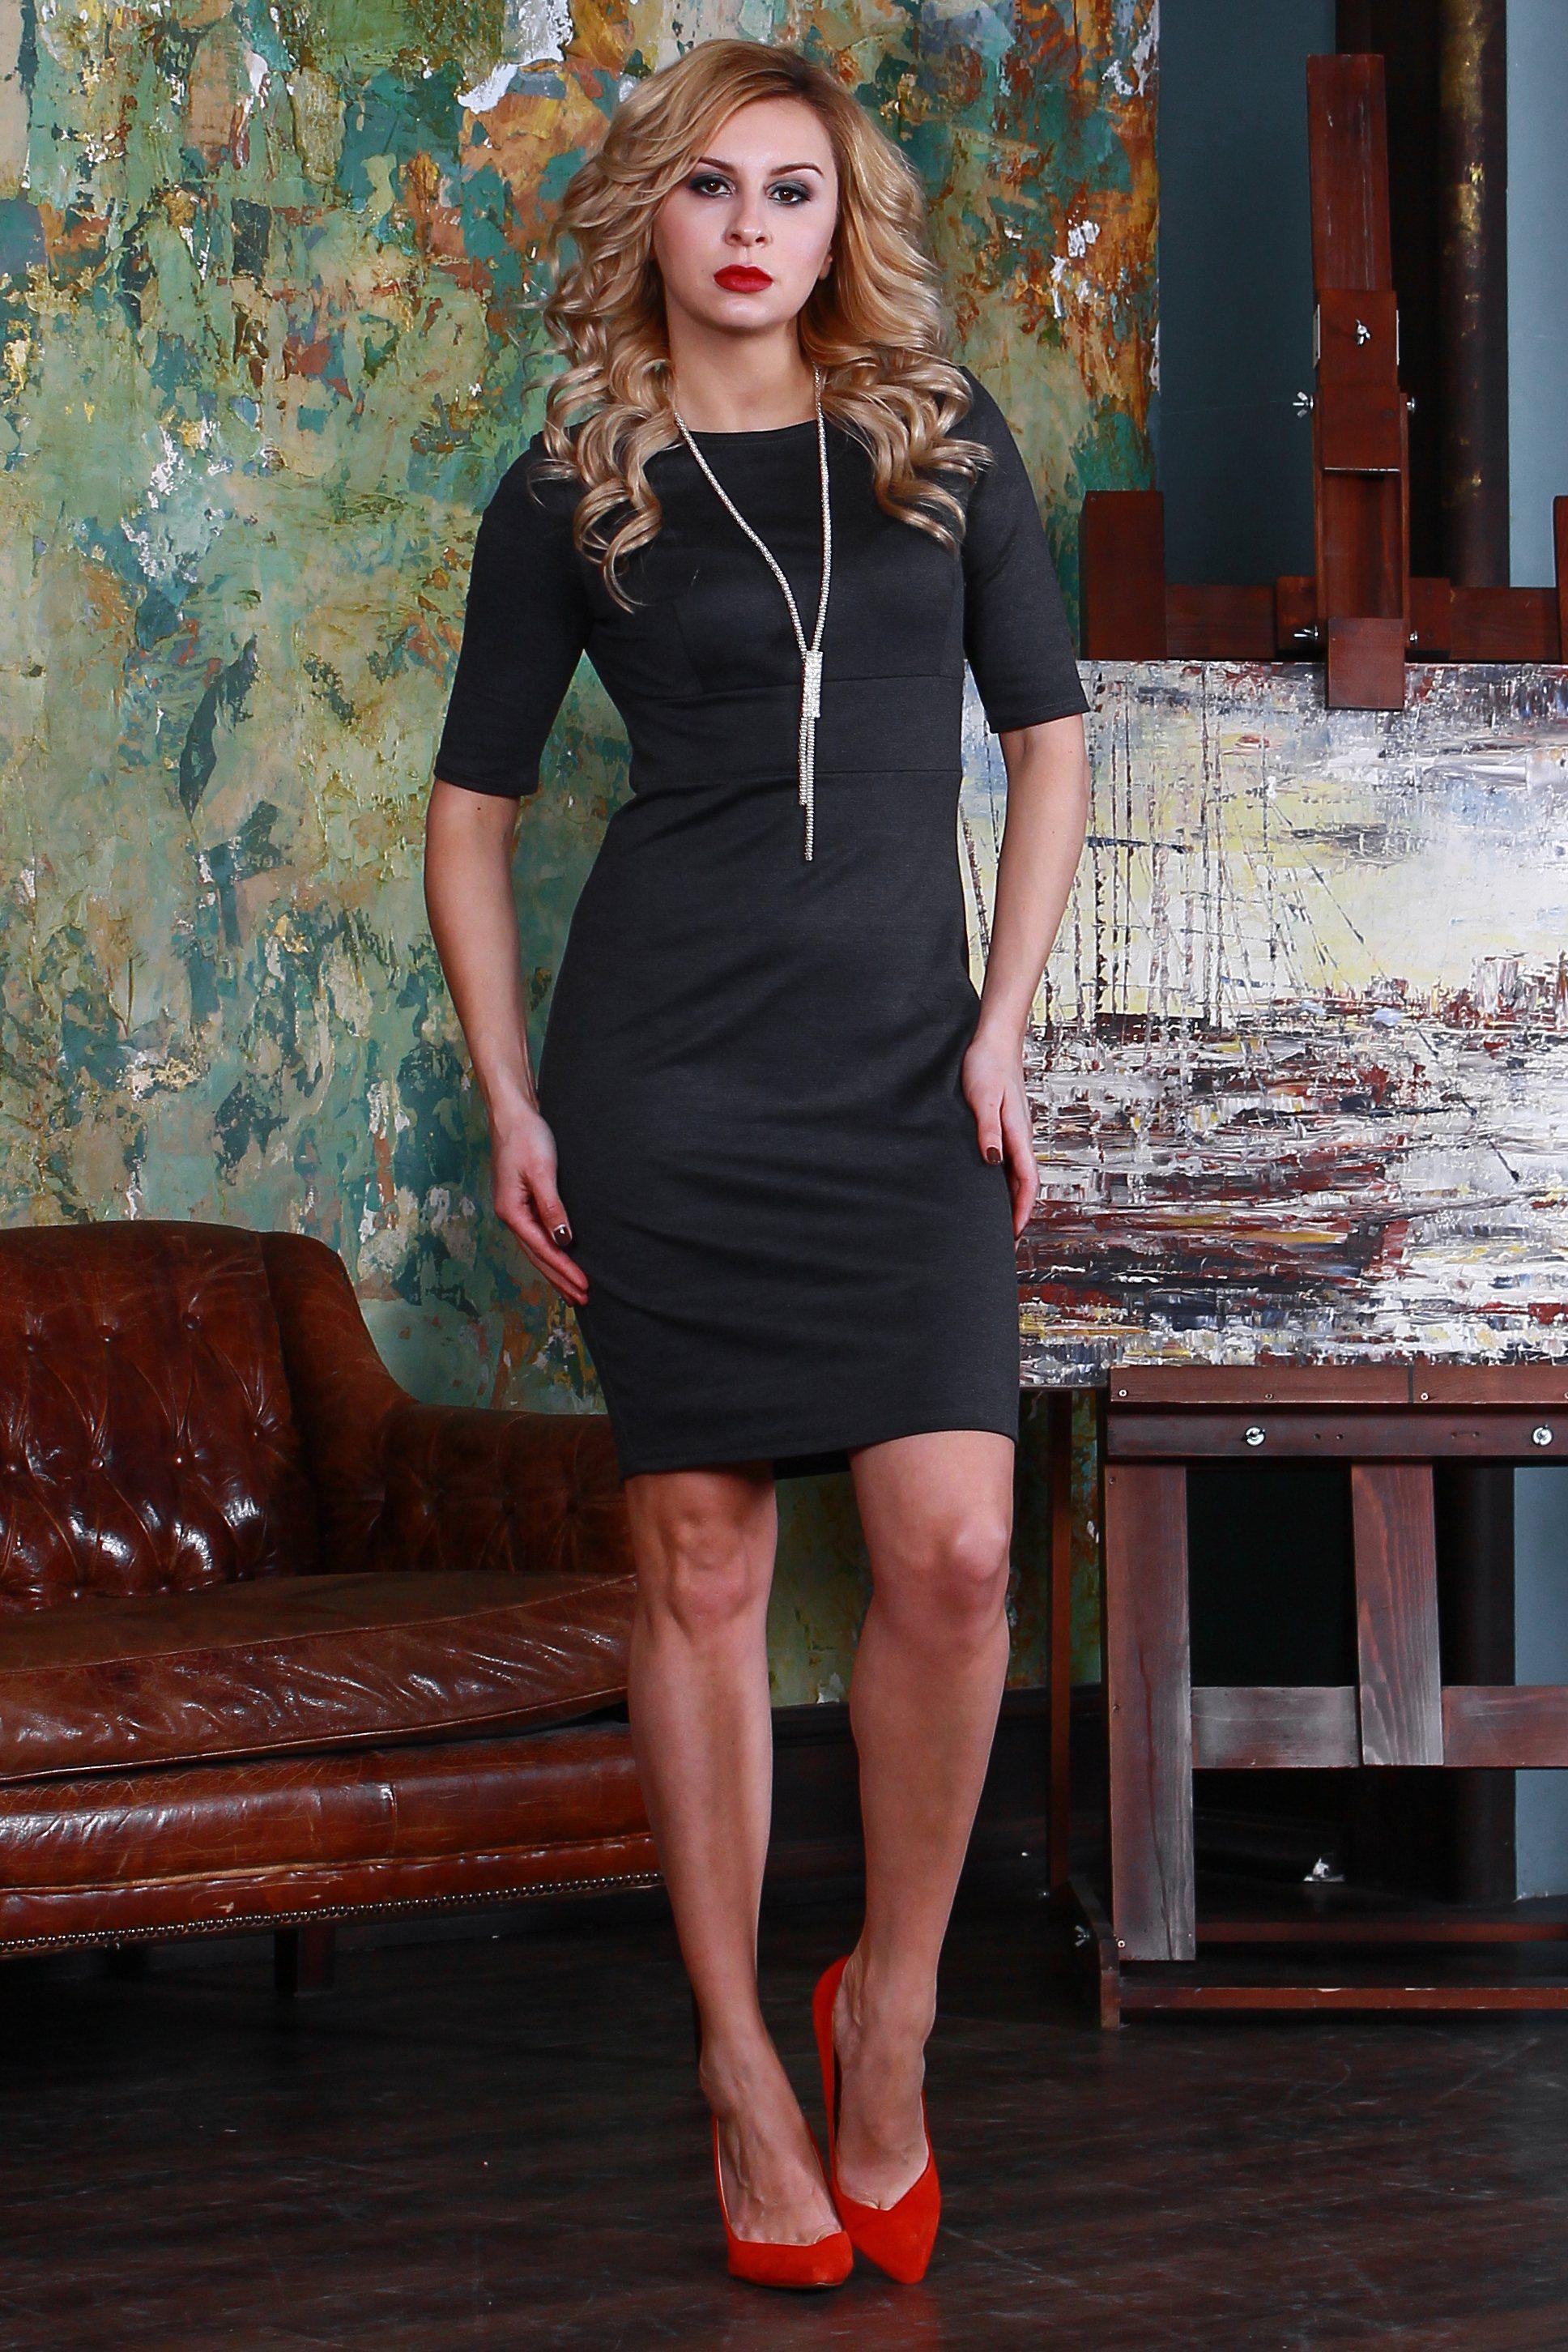 ПлатьеПлатья<br>Платье прилегающего силуэта из полушерстяного трикотажного полотна,  с округлым вырезом горловины и втачным рукавом до локтя. Лаконичный строгий покрой создает идеальный силуэт.  Длина платья от 91 см до 100 см , в зависимости от размера.  Цвет: серый  Рост девушки-фотомодели 175 см<br><br>Горловина: С- горловина<br>По длине: До колена<br>По материалу: Трикотаж<br>По образу: Город,Офис,Свидание<br>По рисунку: Однотонные<br>По силуэту: Приталенные<br>По стилю: Офисный стиль,Повседневный стиль<br>По форме: Платье - футляр<br>Рукав: До локтя<br>По сезону: Осень,Весна<br>Размер : 46,52,54<br>Материал: Джерси<br>Количество в наличии: 3